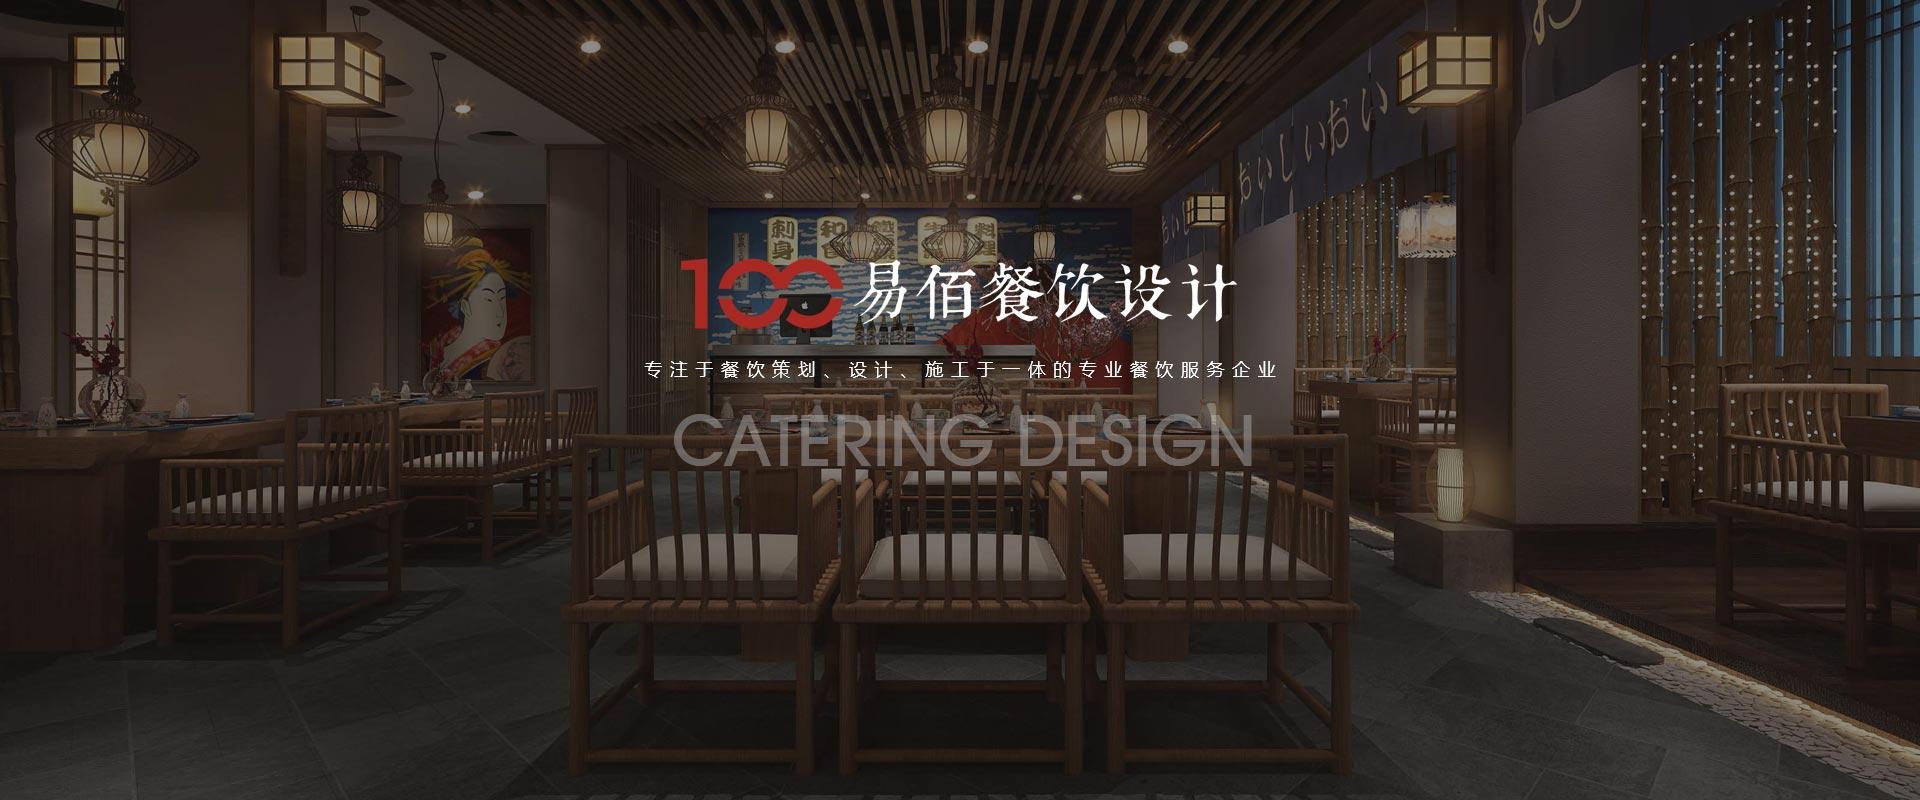 郑州饭店设计